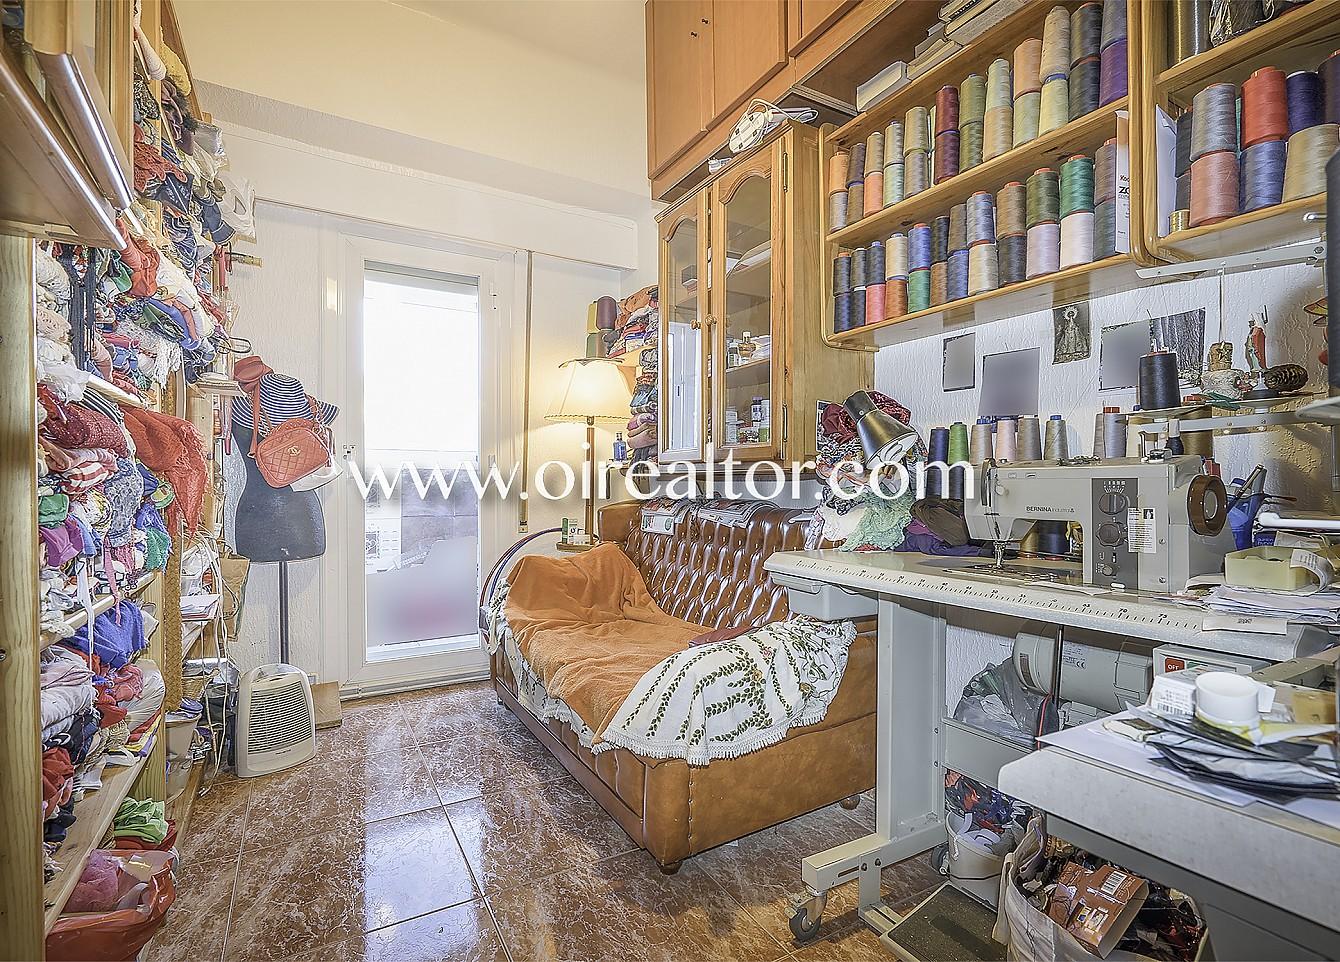 Fantastico piso en venta en rambla del celler sant cugat del valles oi realtor - Pisos en sant cugat del valles ...